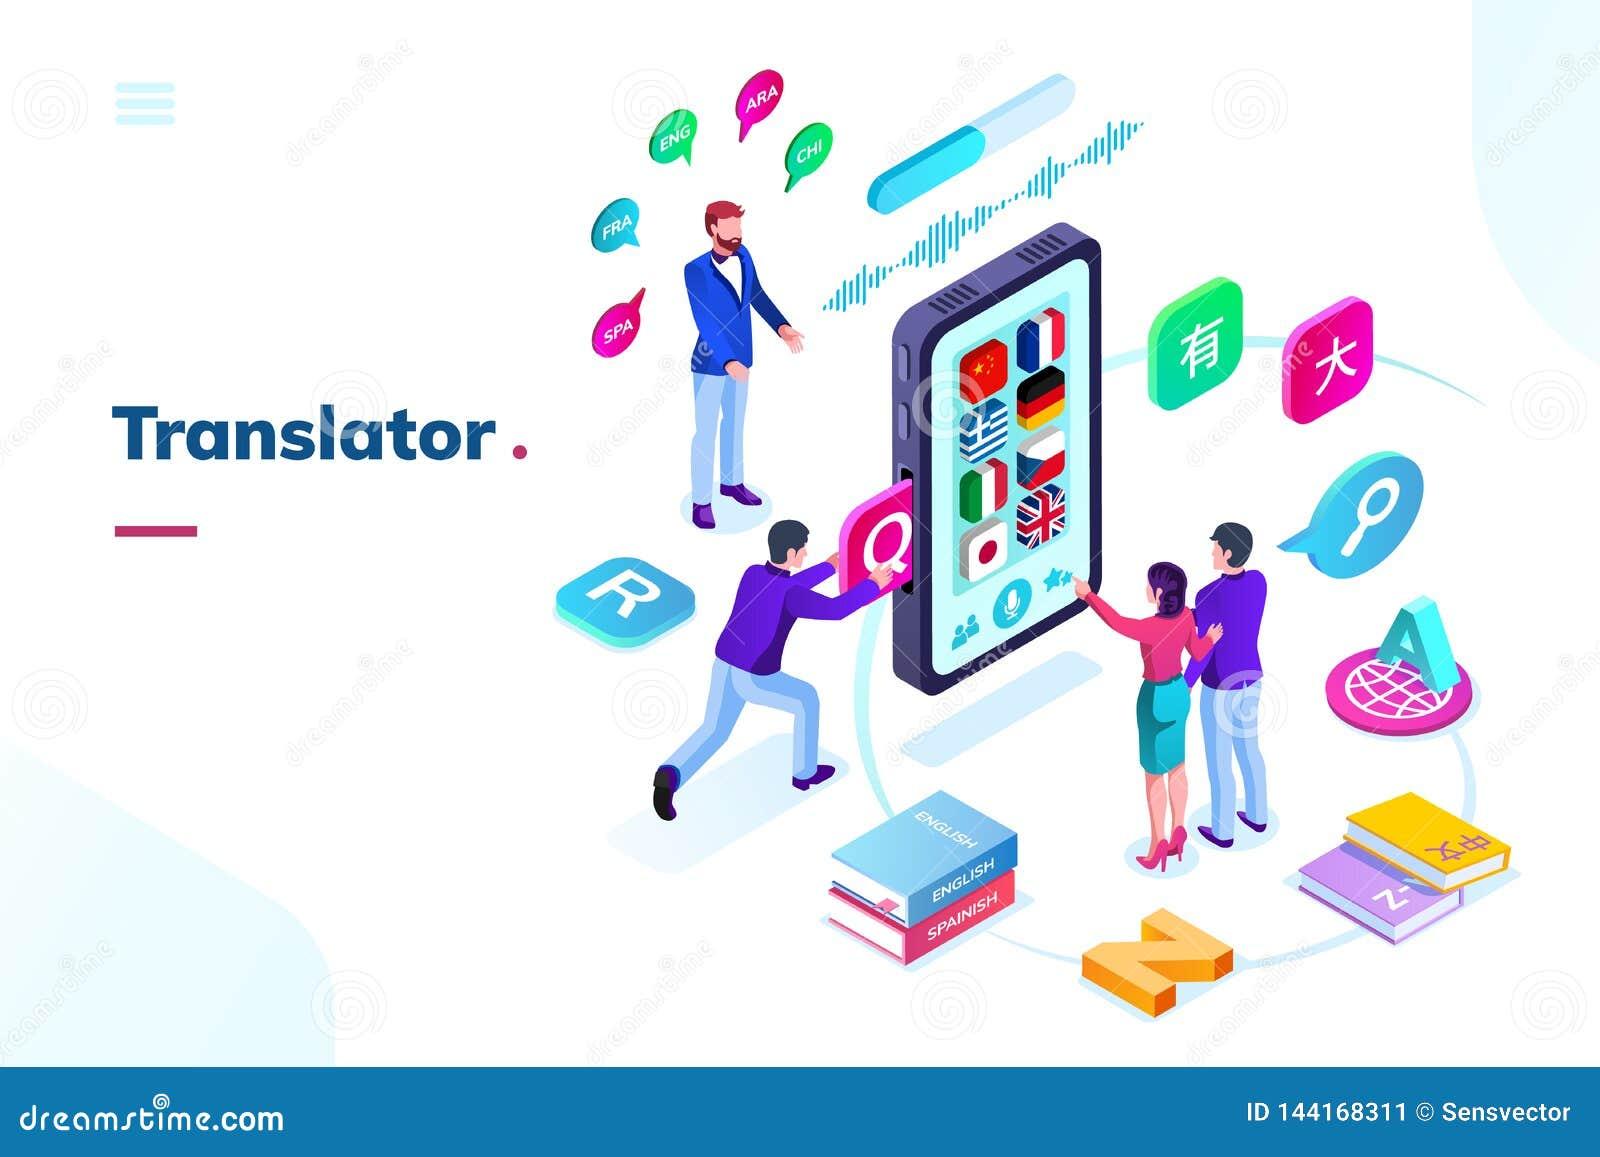 Смартфон, телефон с онлайн переводчиком языка